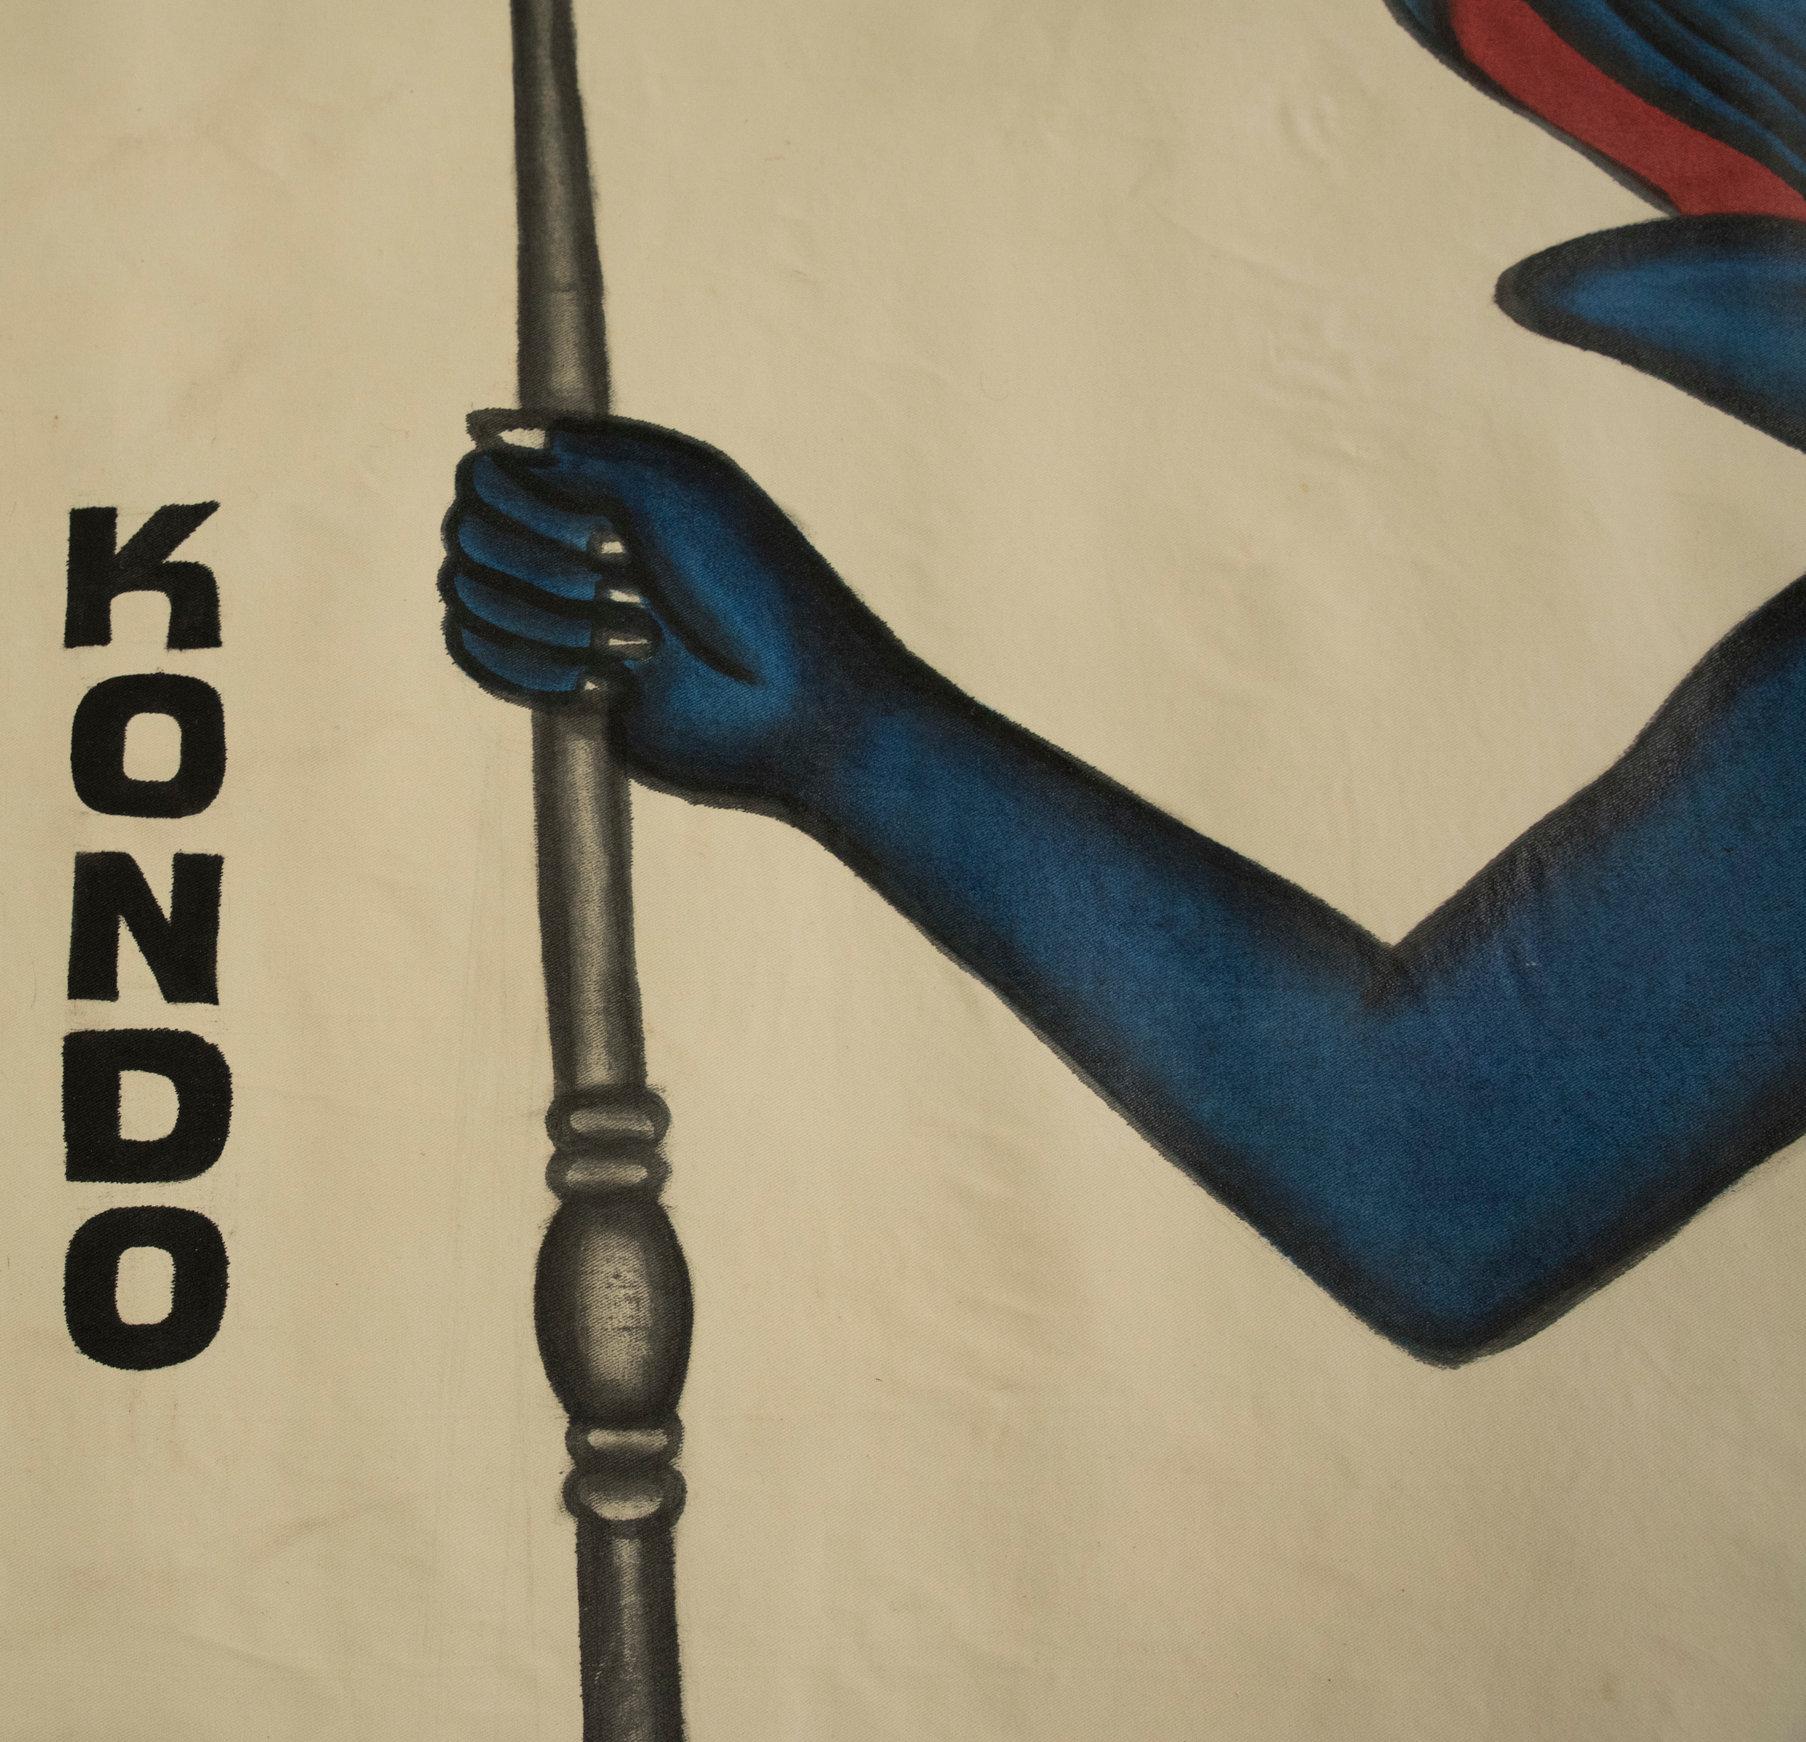 Kondo detail